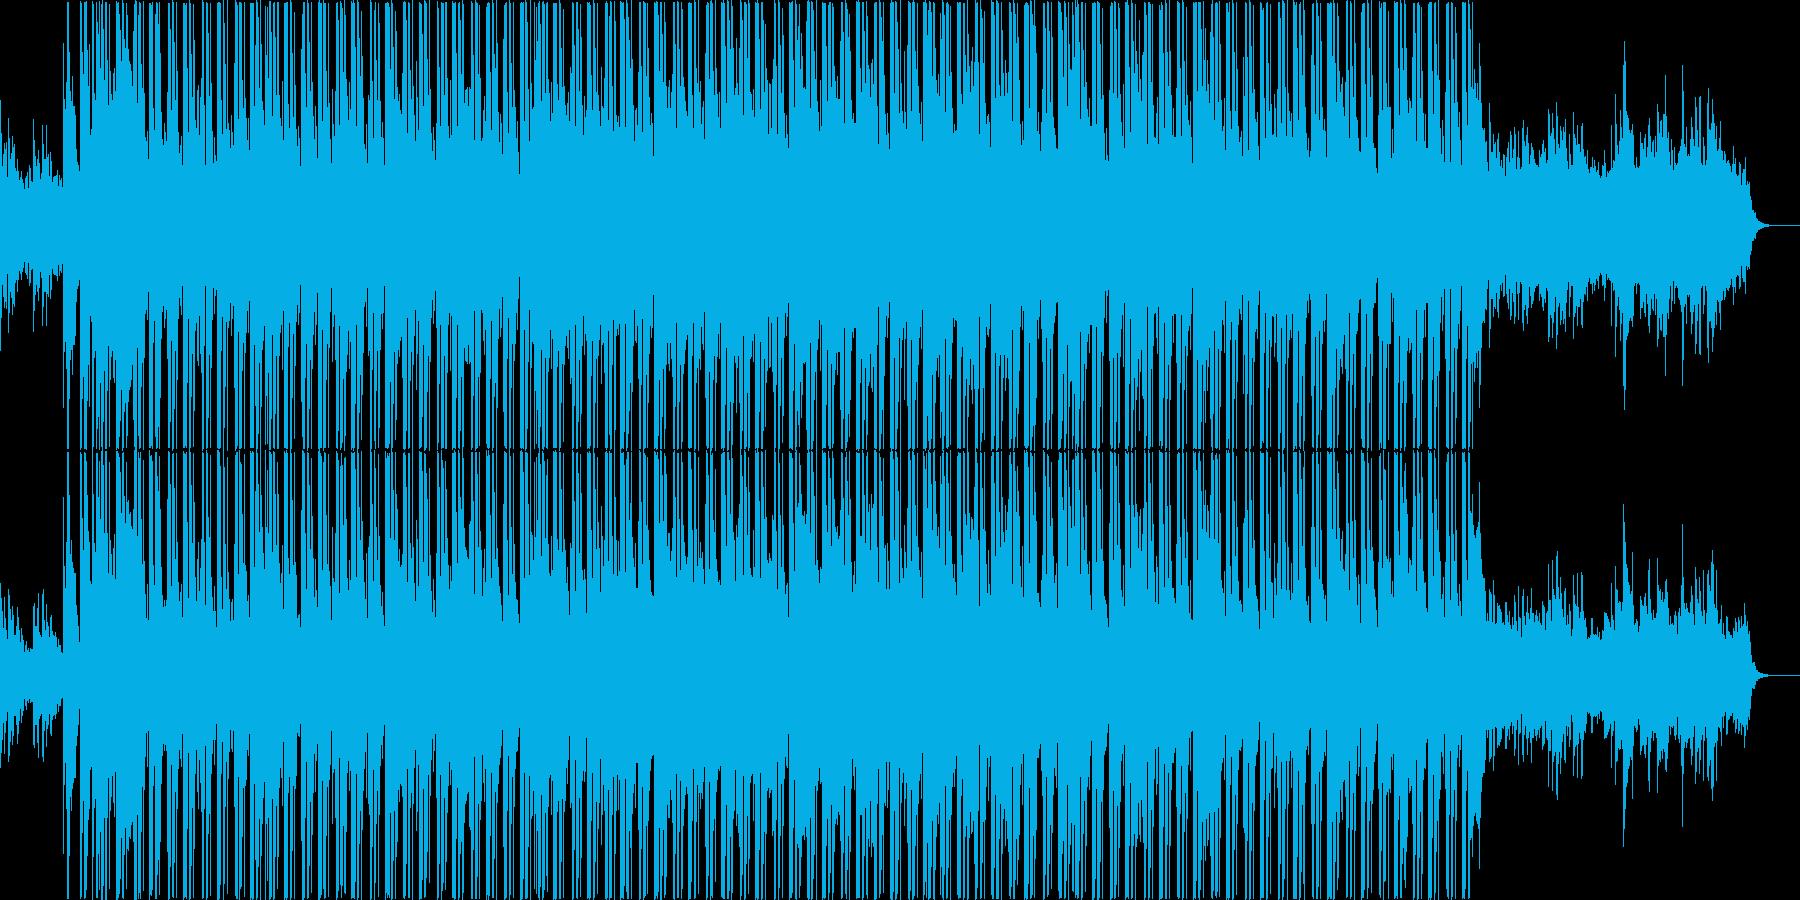 和風で明るくかわいいヒップホップの再生済みの波形